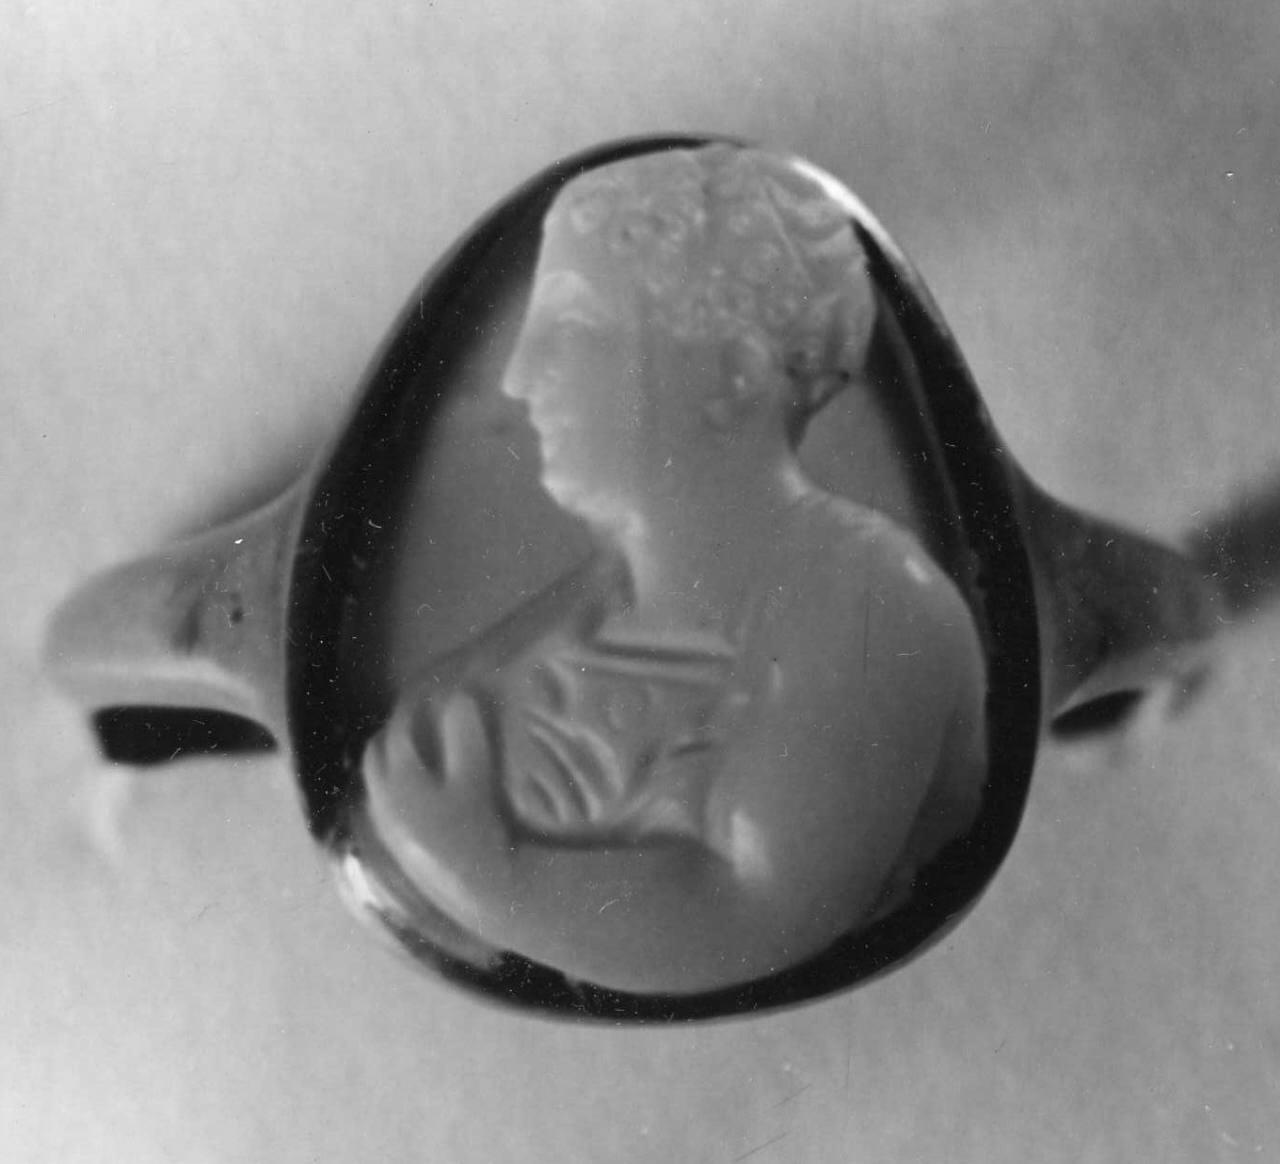 busto femminile (cammeo) - bottega italiana (fine/ inizio secc. XVI/ XVII)